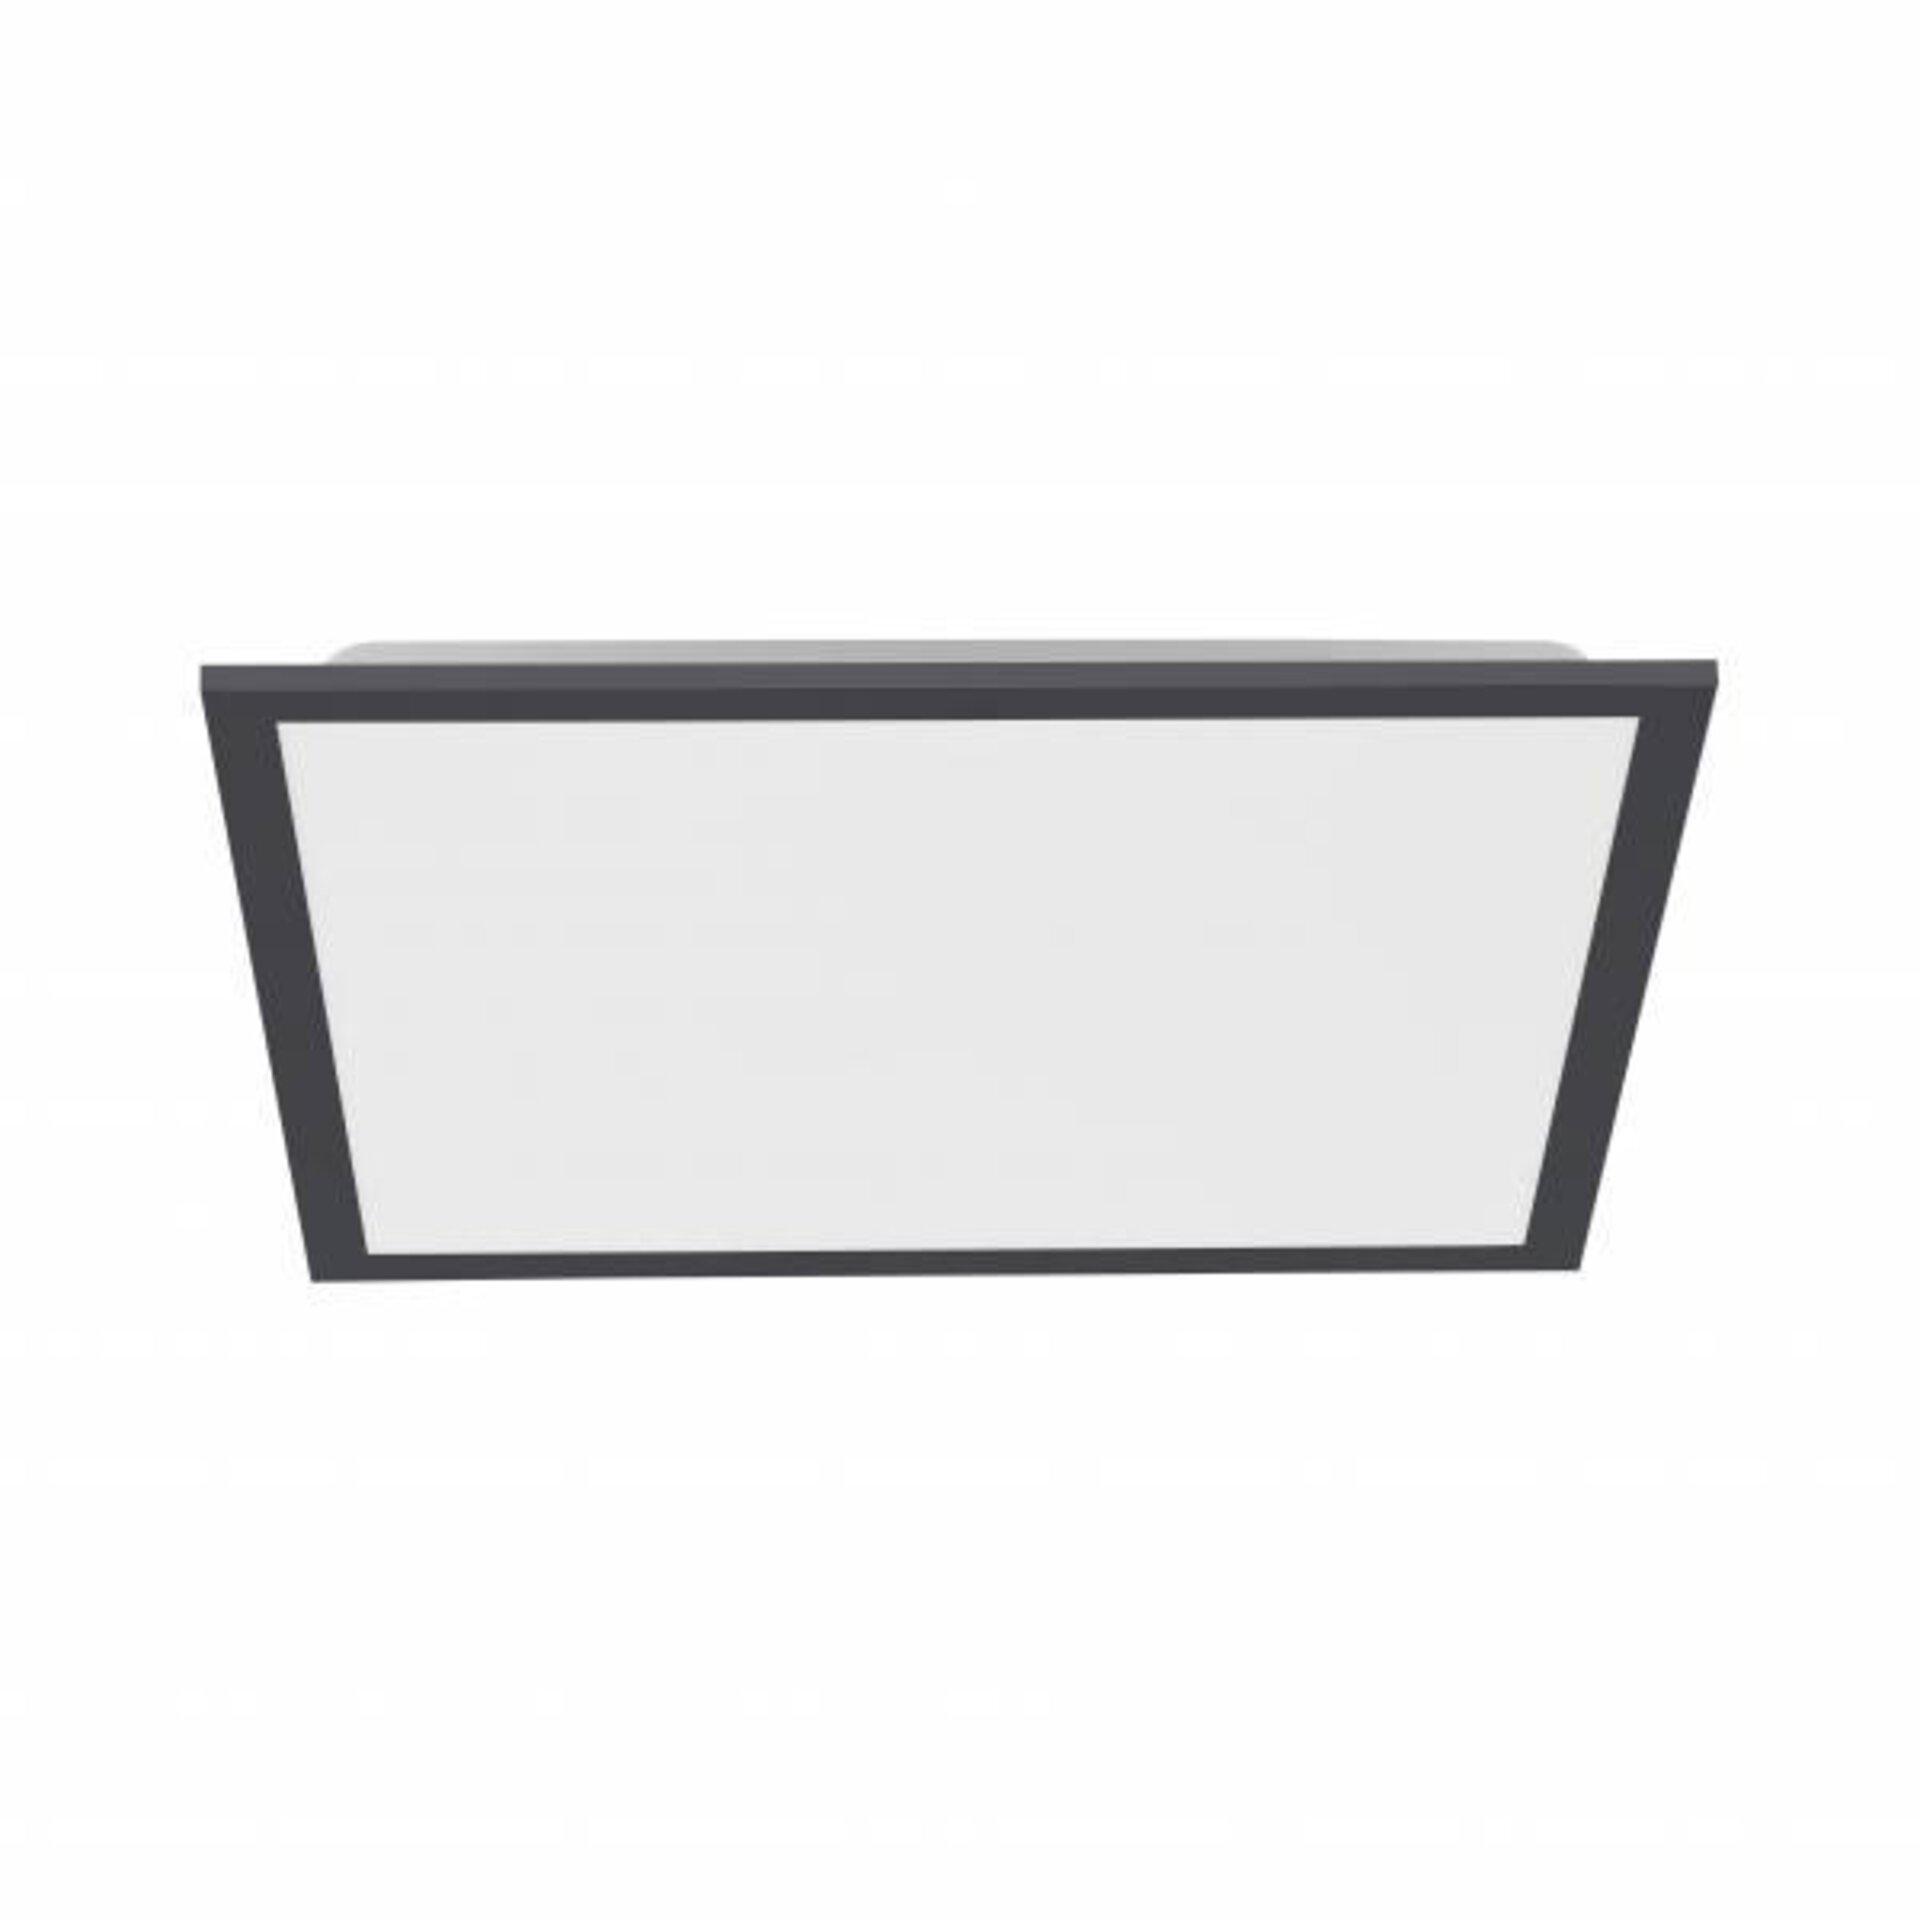 Deckenleuchte FLAT Leuchtendirekt Metall 45 x 7 x 45 cm